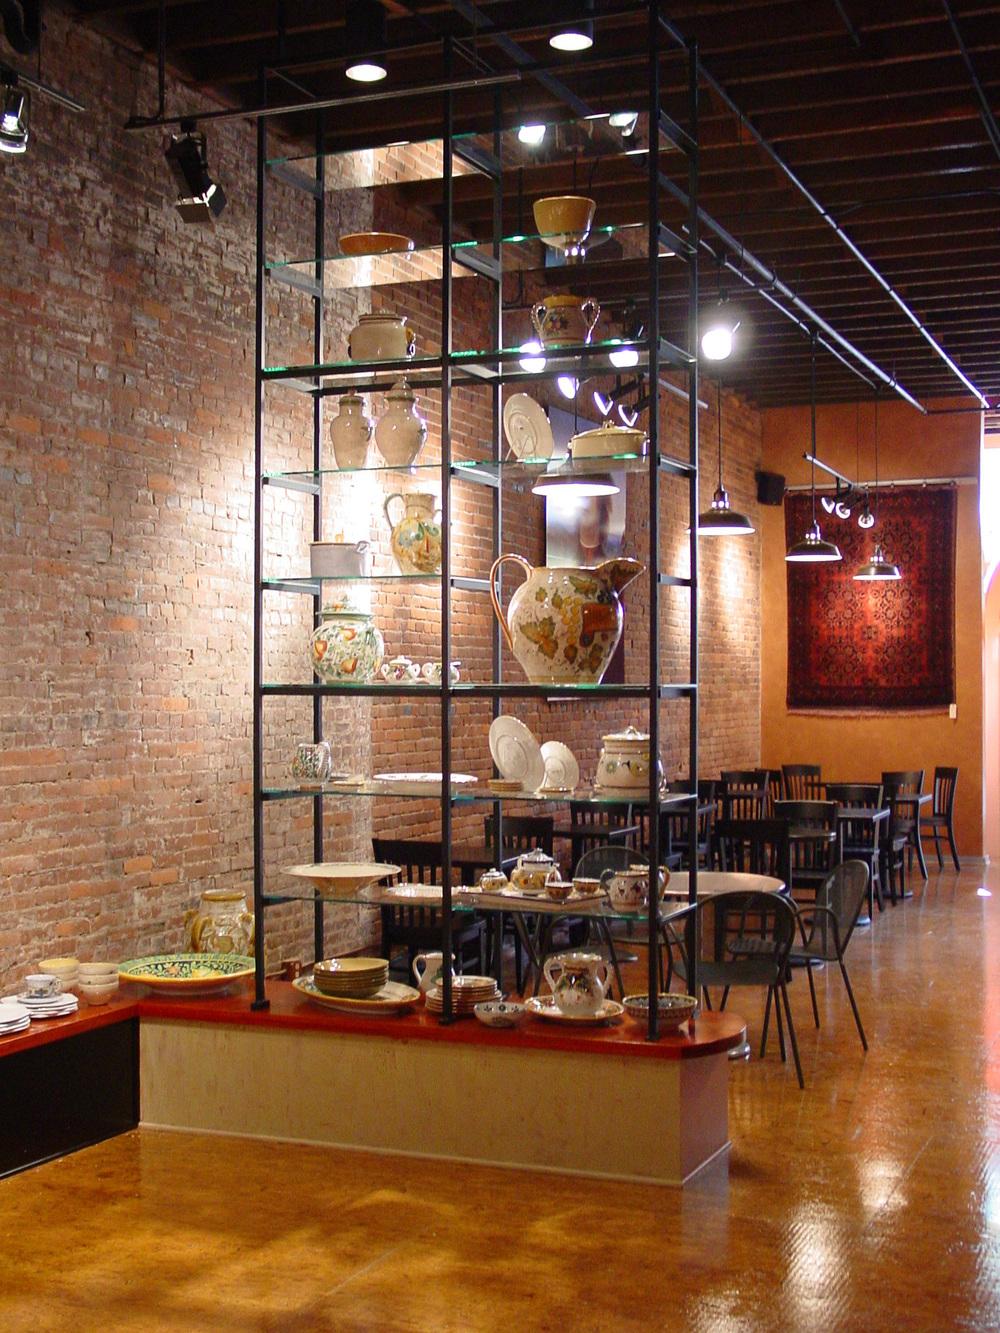 127_04_Perugino_shelves.jpg